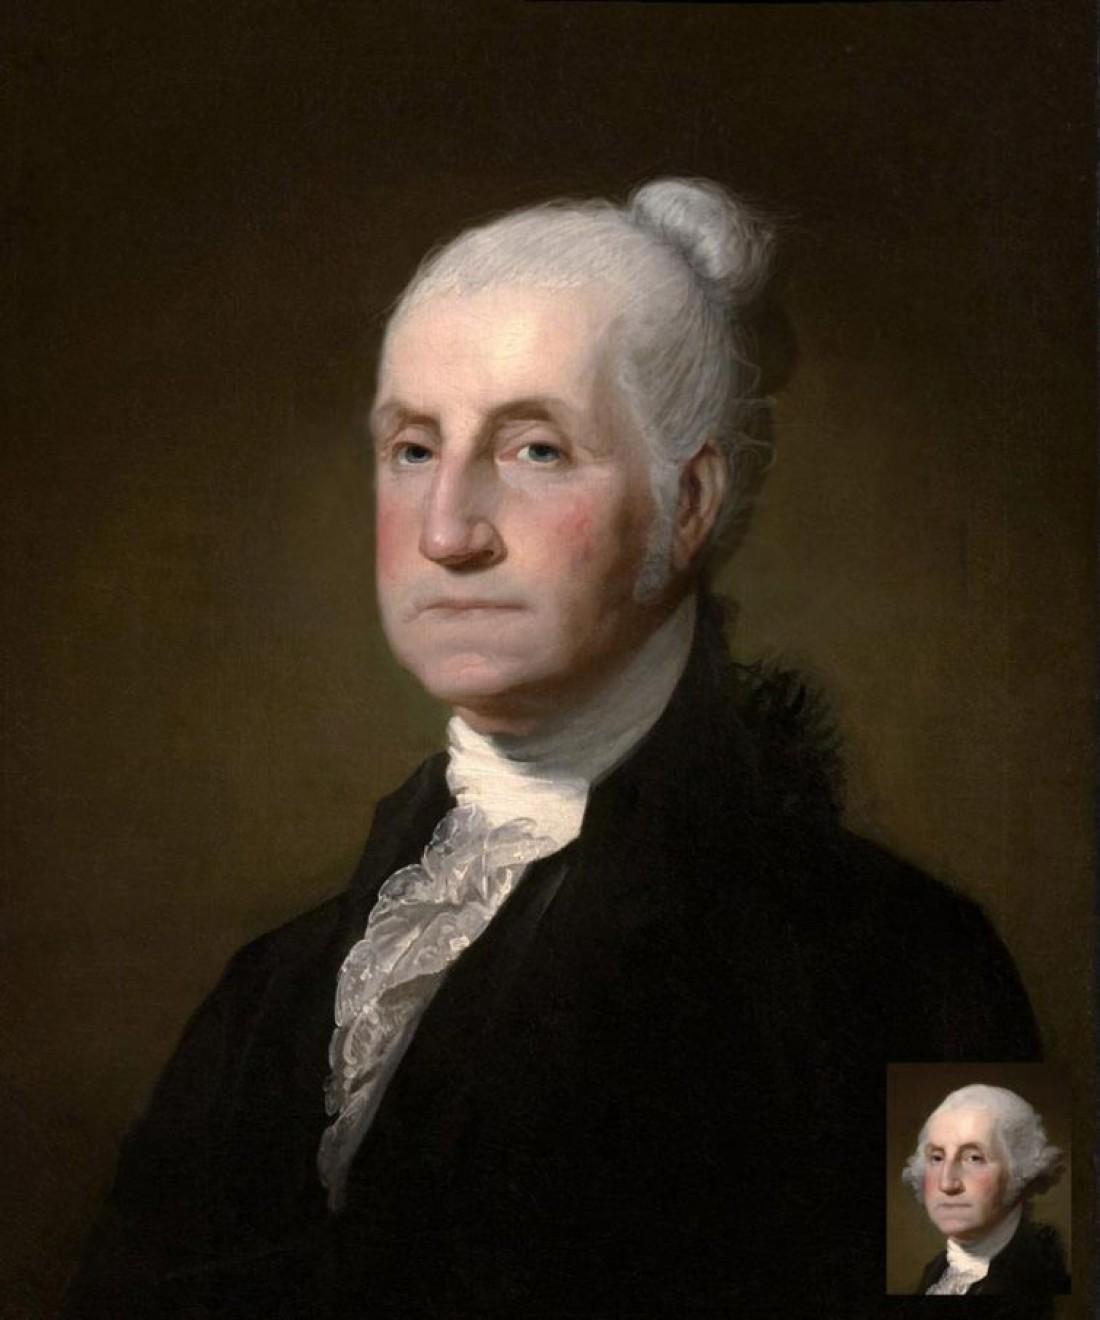 Джордж Вашингтон — американский государственный деятель, первый президент Соединенных Штатов Америки, Отец-основатель США, главнокомандующий Континентальной армии, участник войны за независимость, создатель американского института президентства